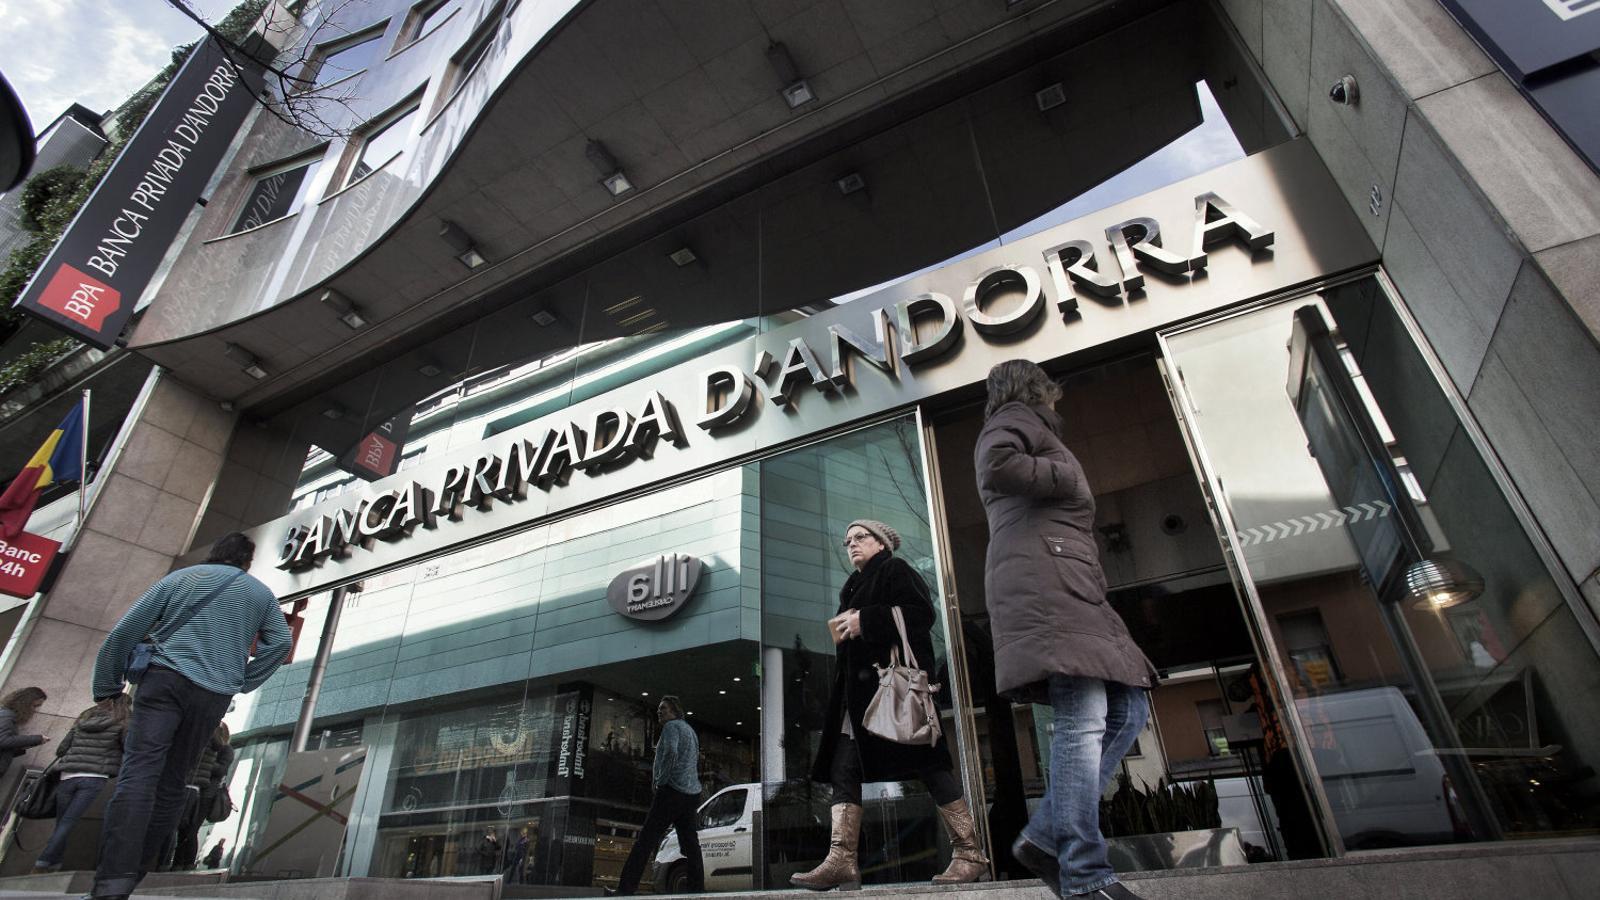 Oficina de Banca Privada d'Andorra l'hivern del 2015, quan l'entitat andorrana va patir el corralito després de les acusacions de blanqueig.